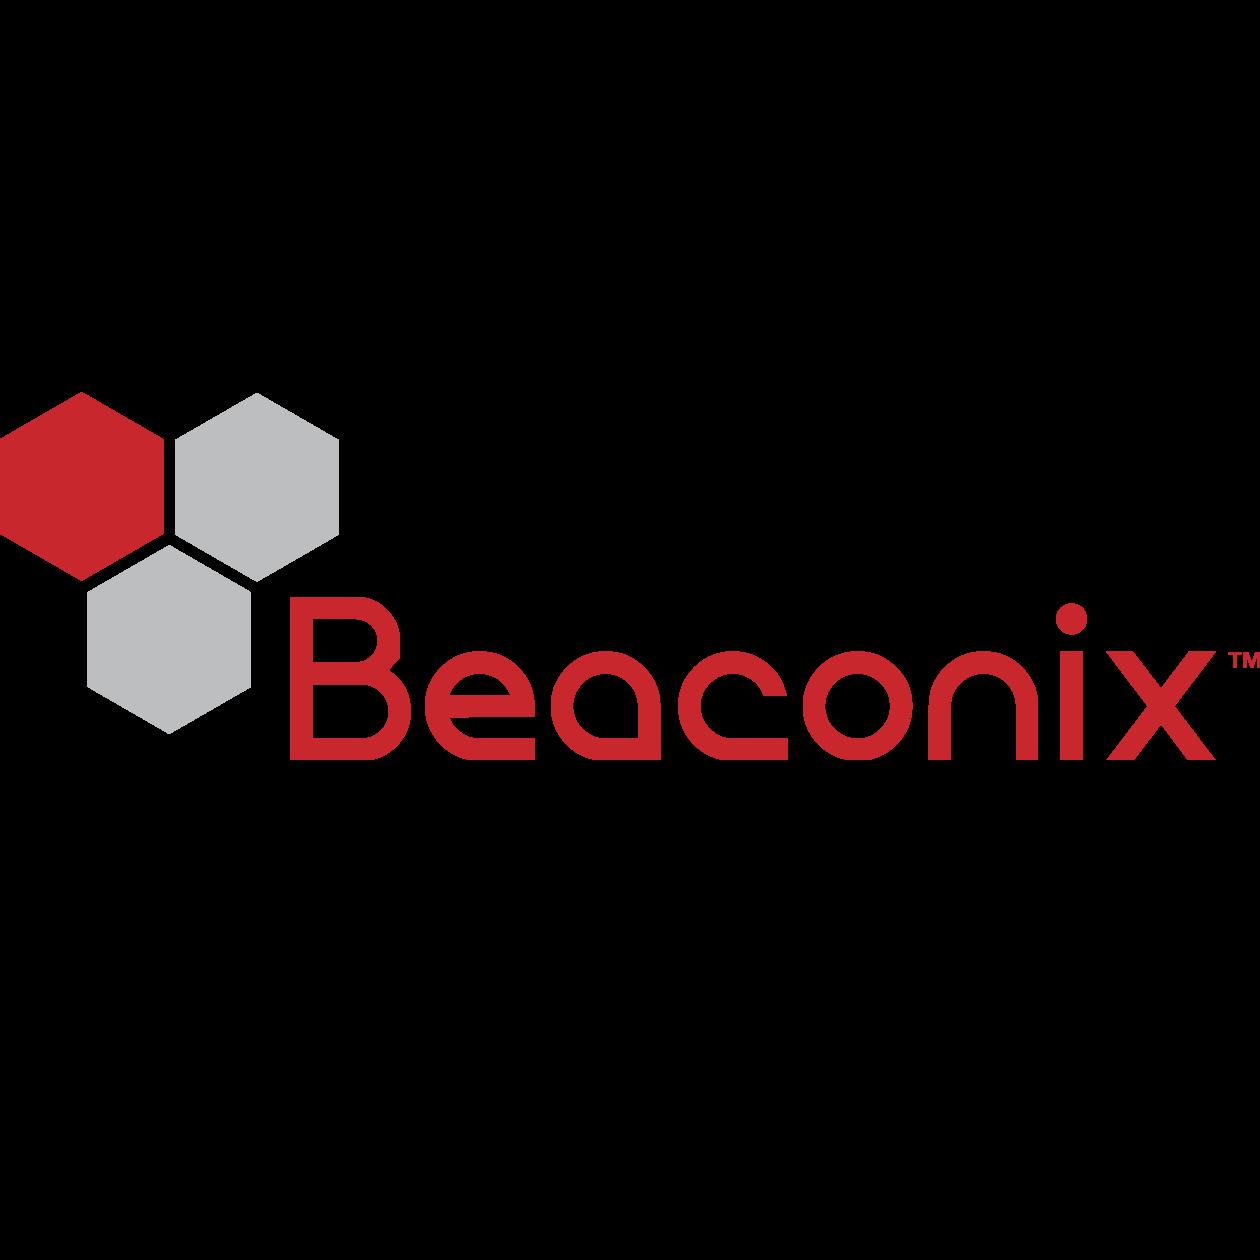 Beaconix